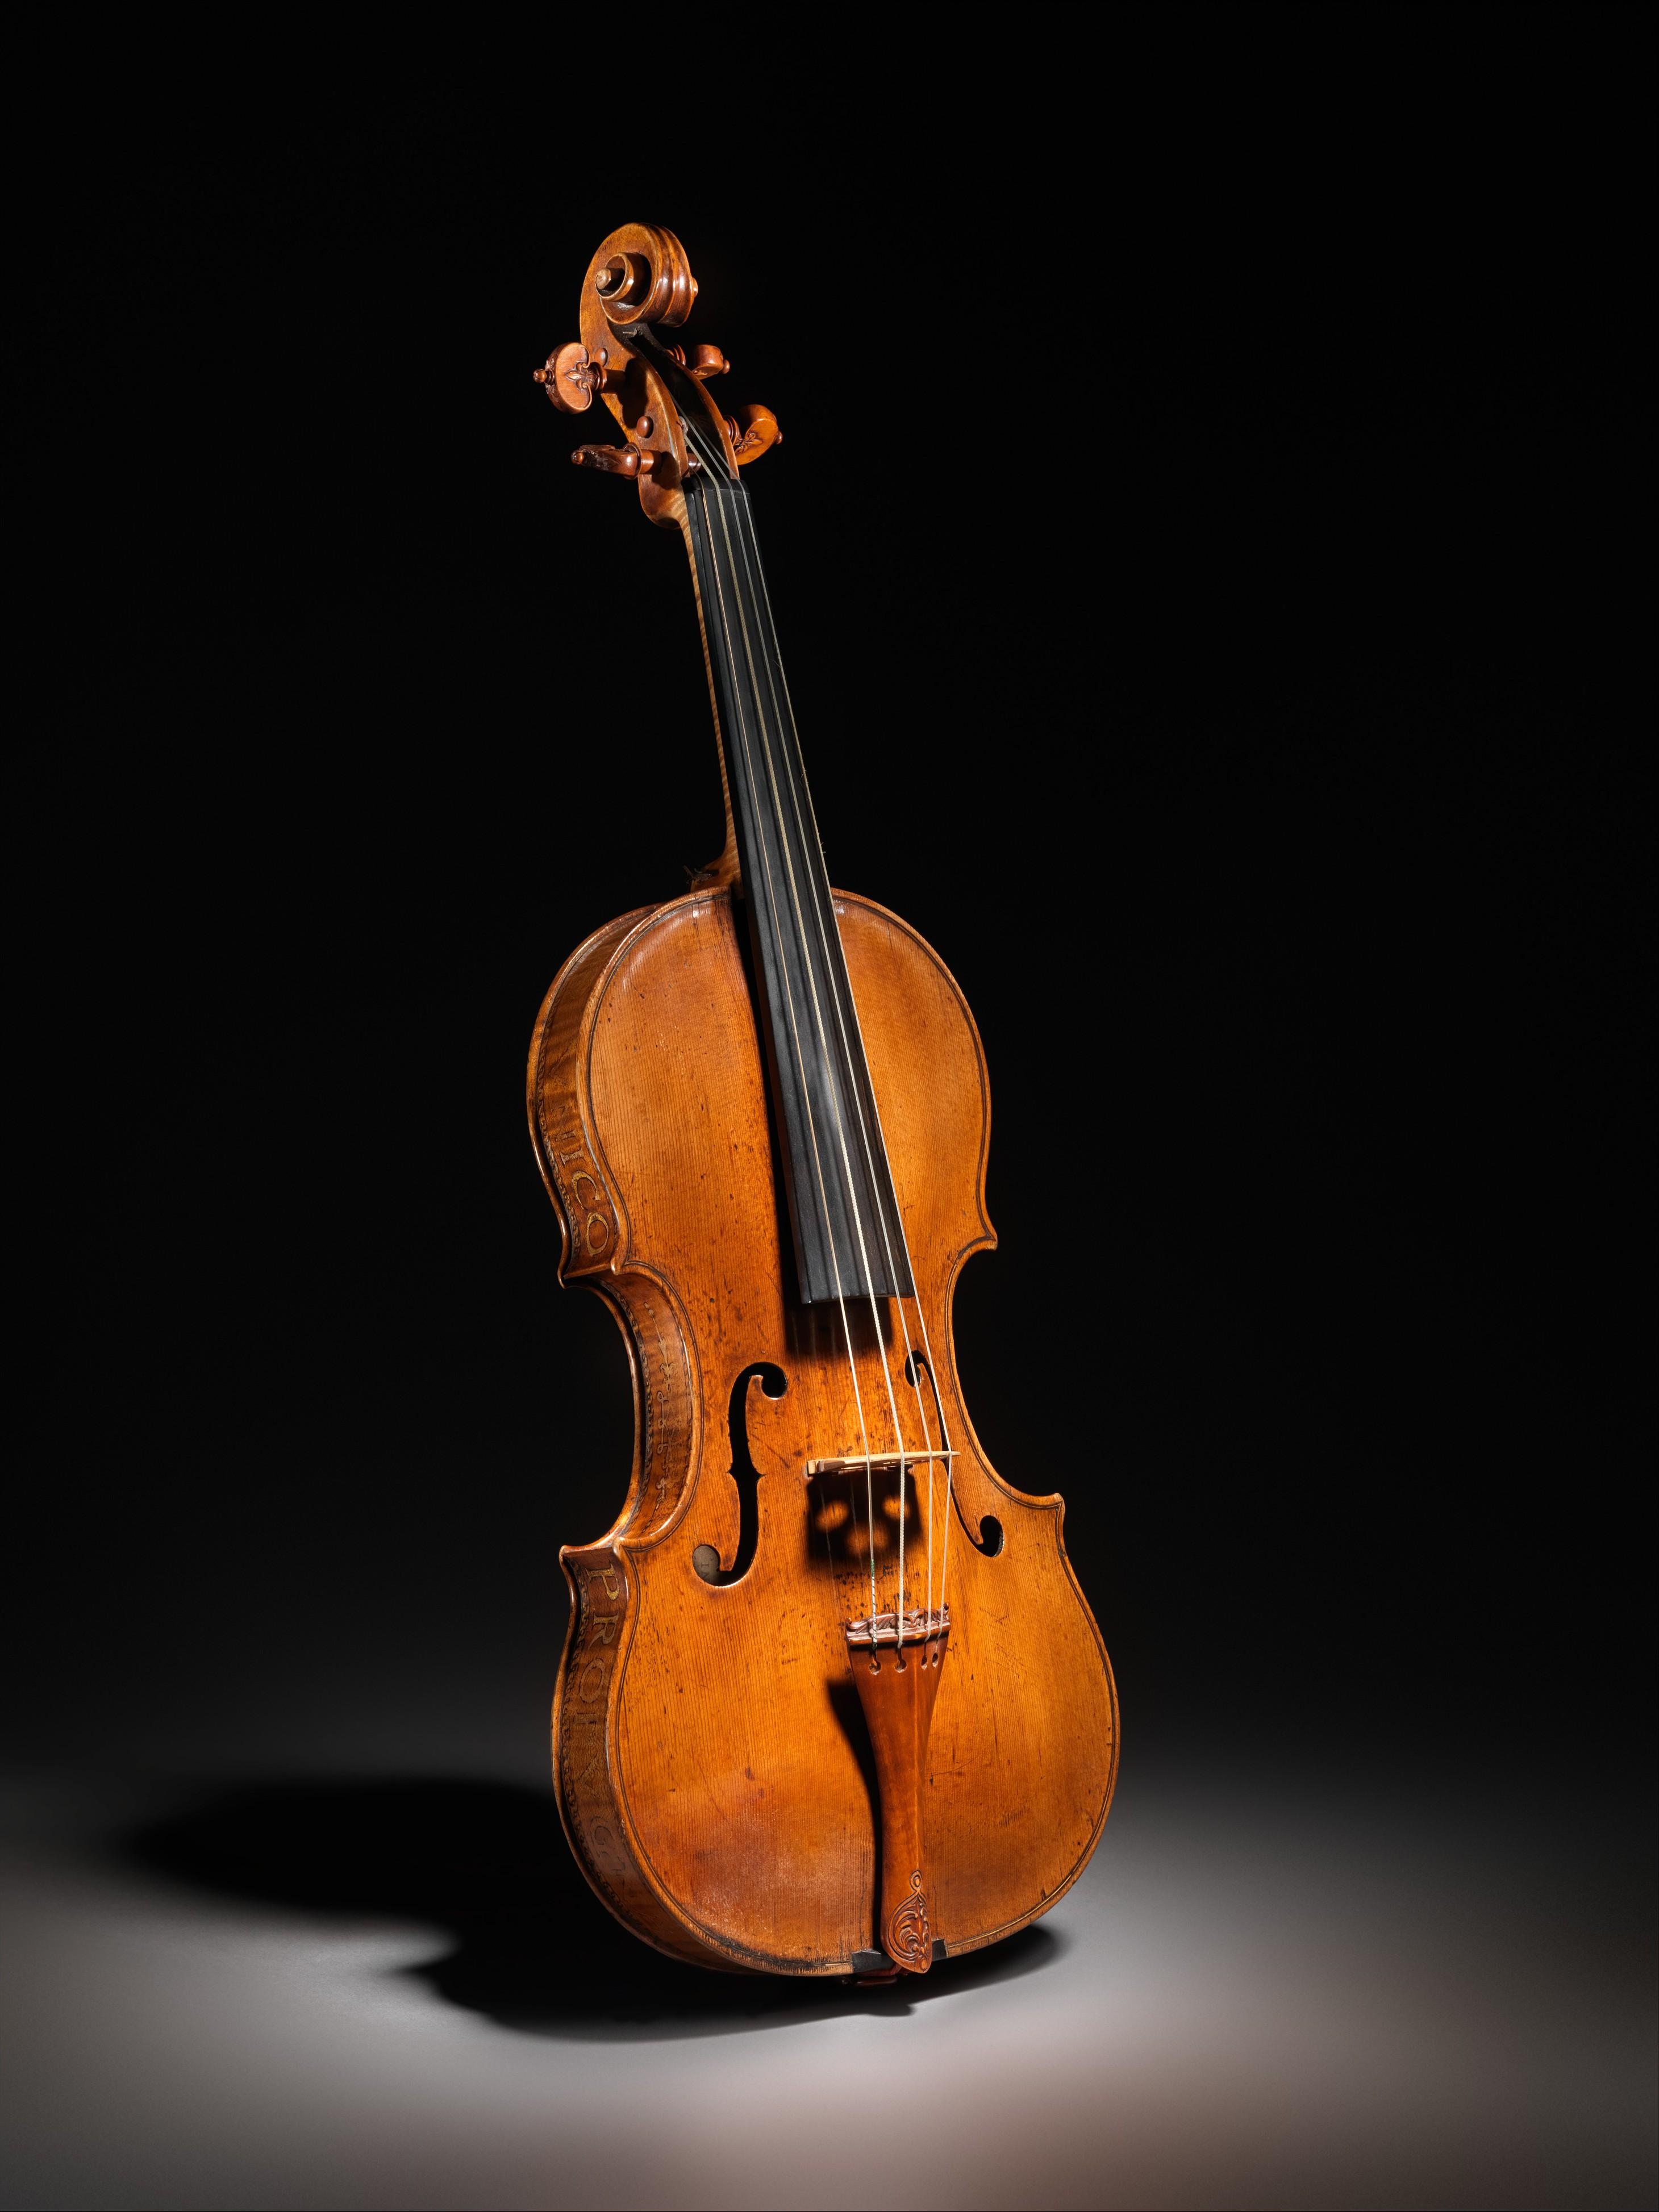 Bildresultat för violin